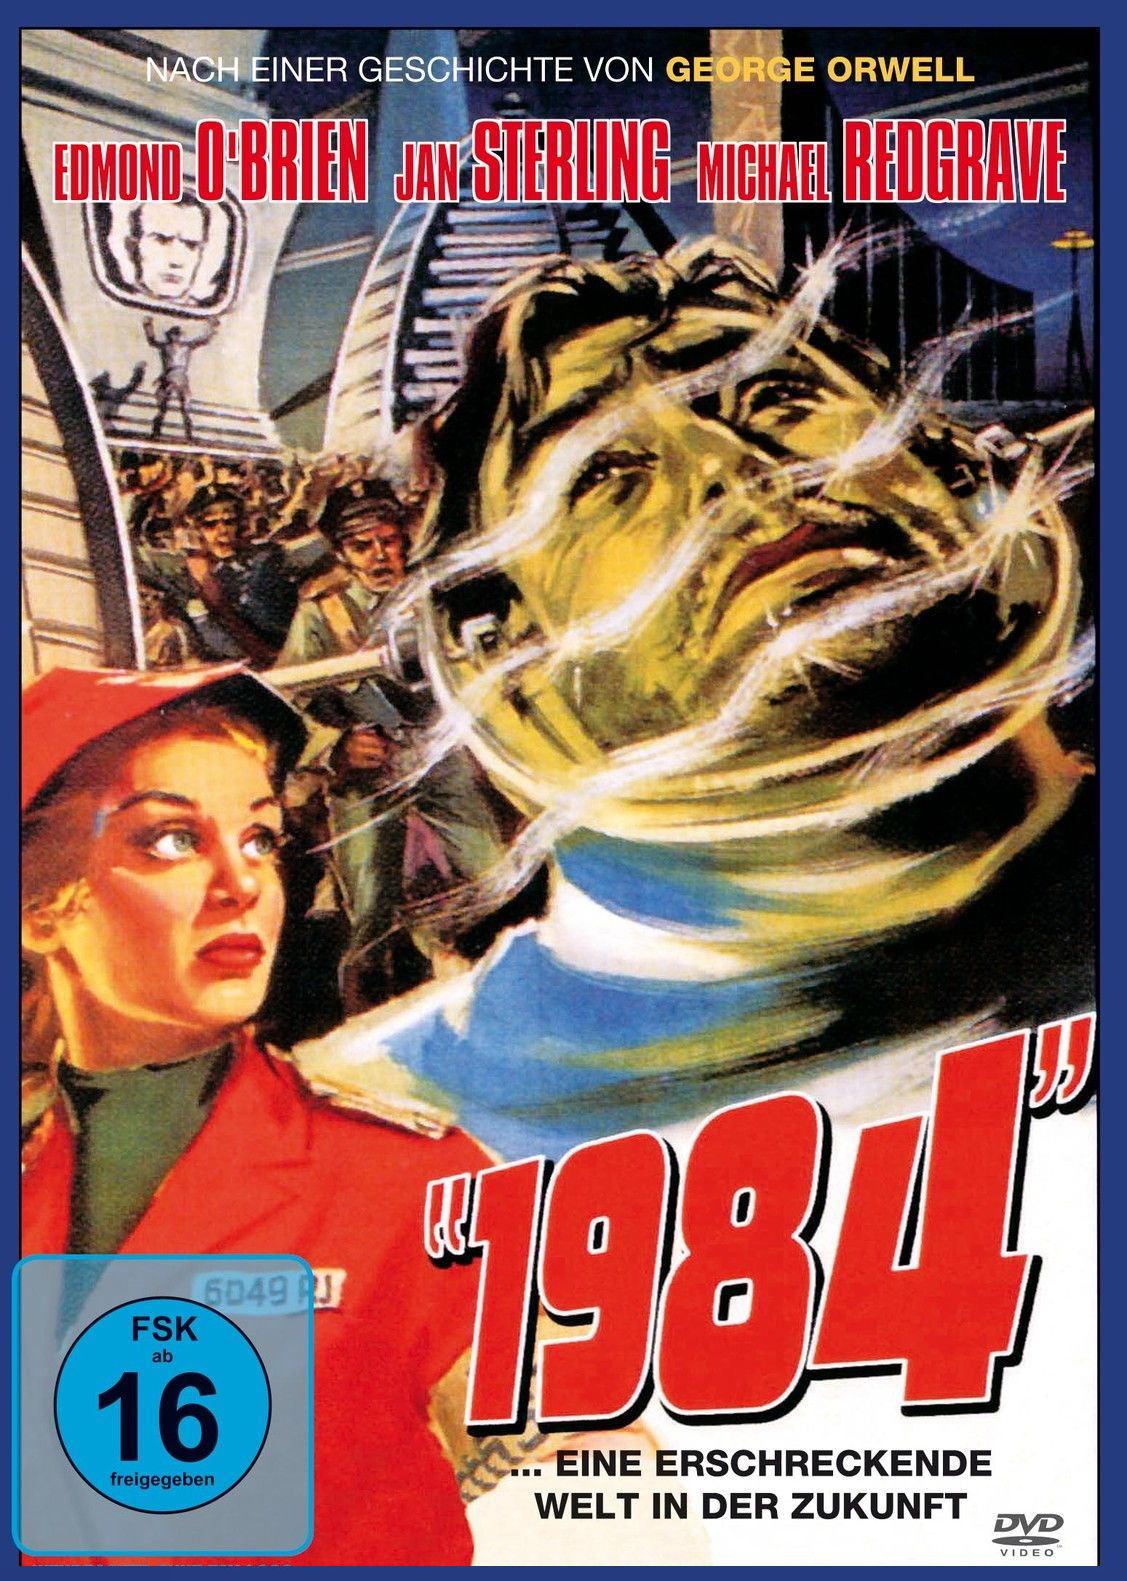 1984 Film 1956